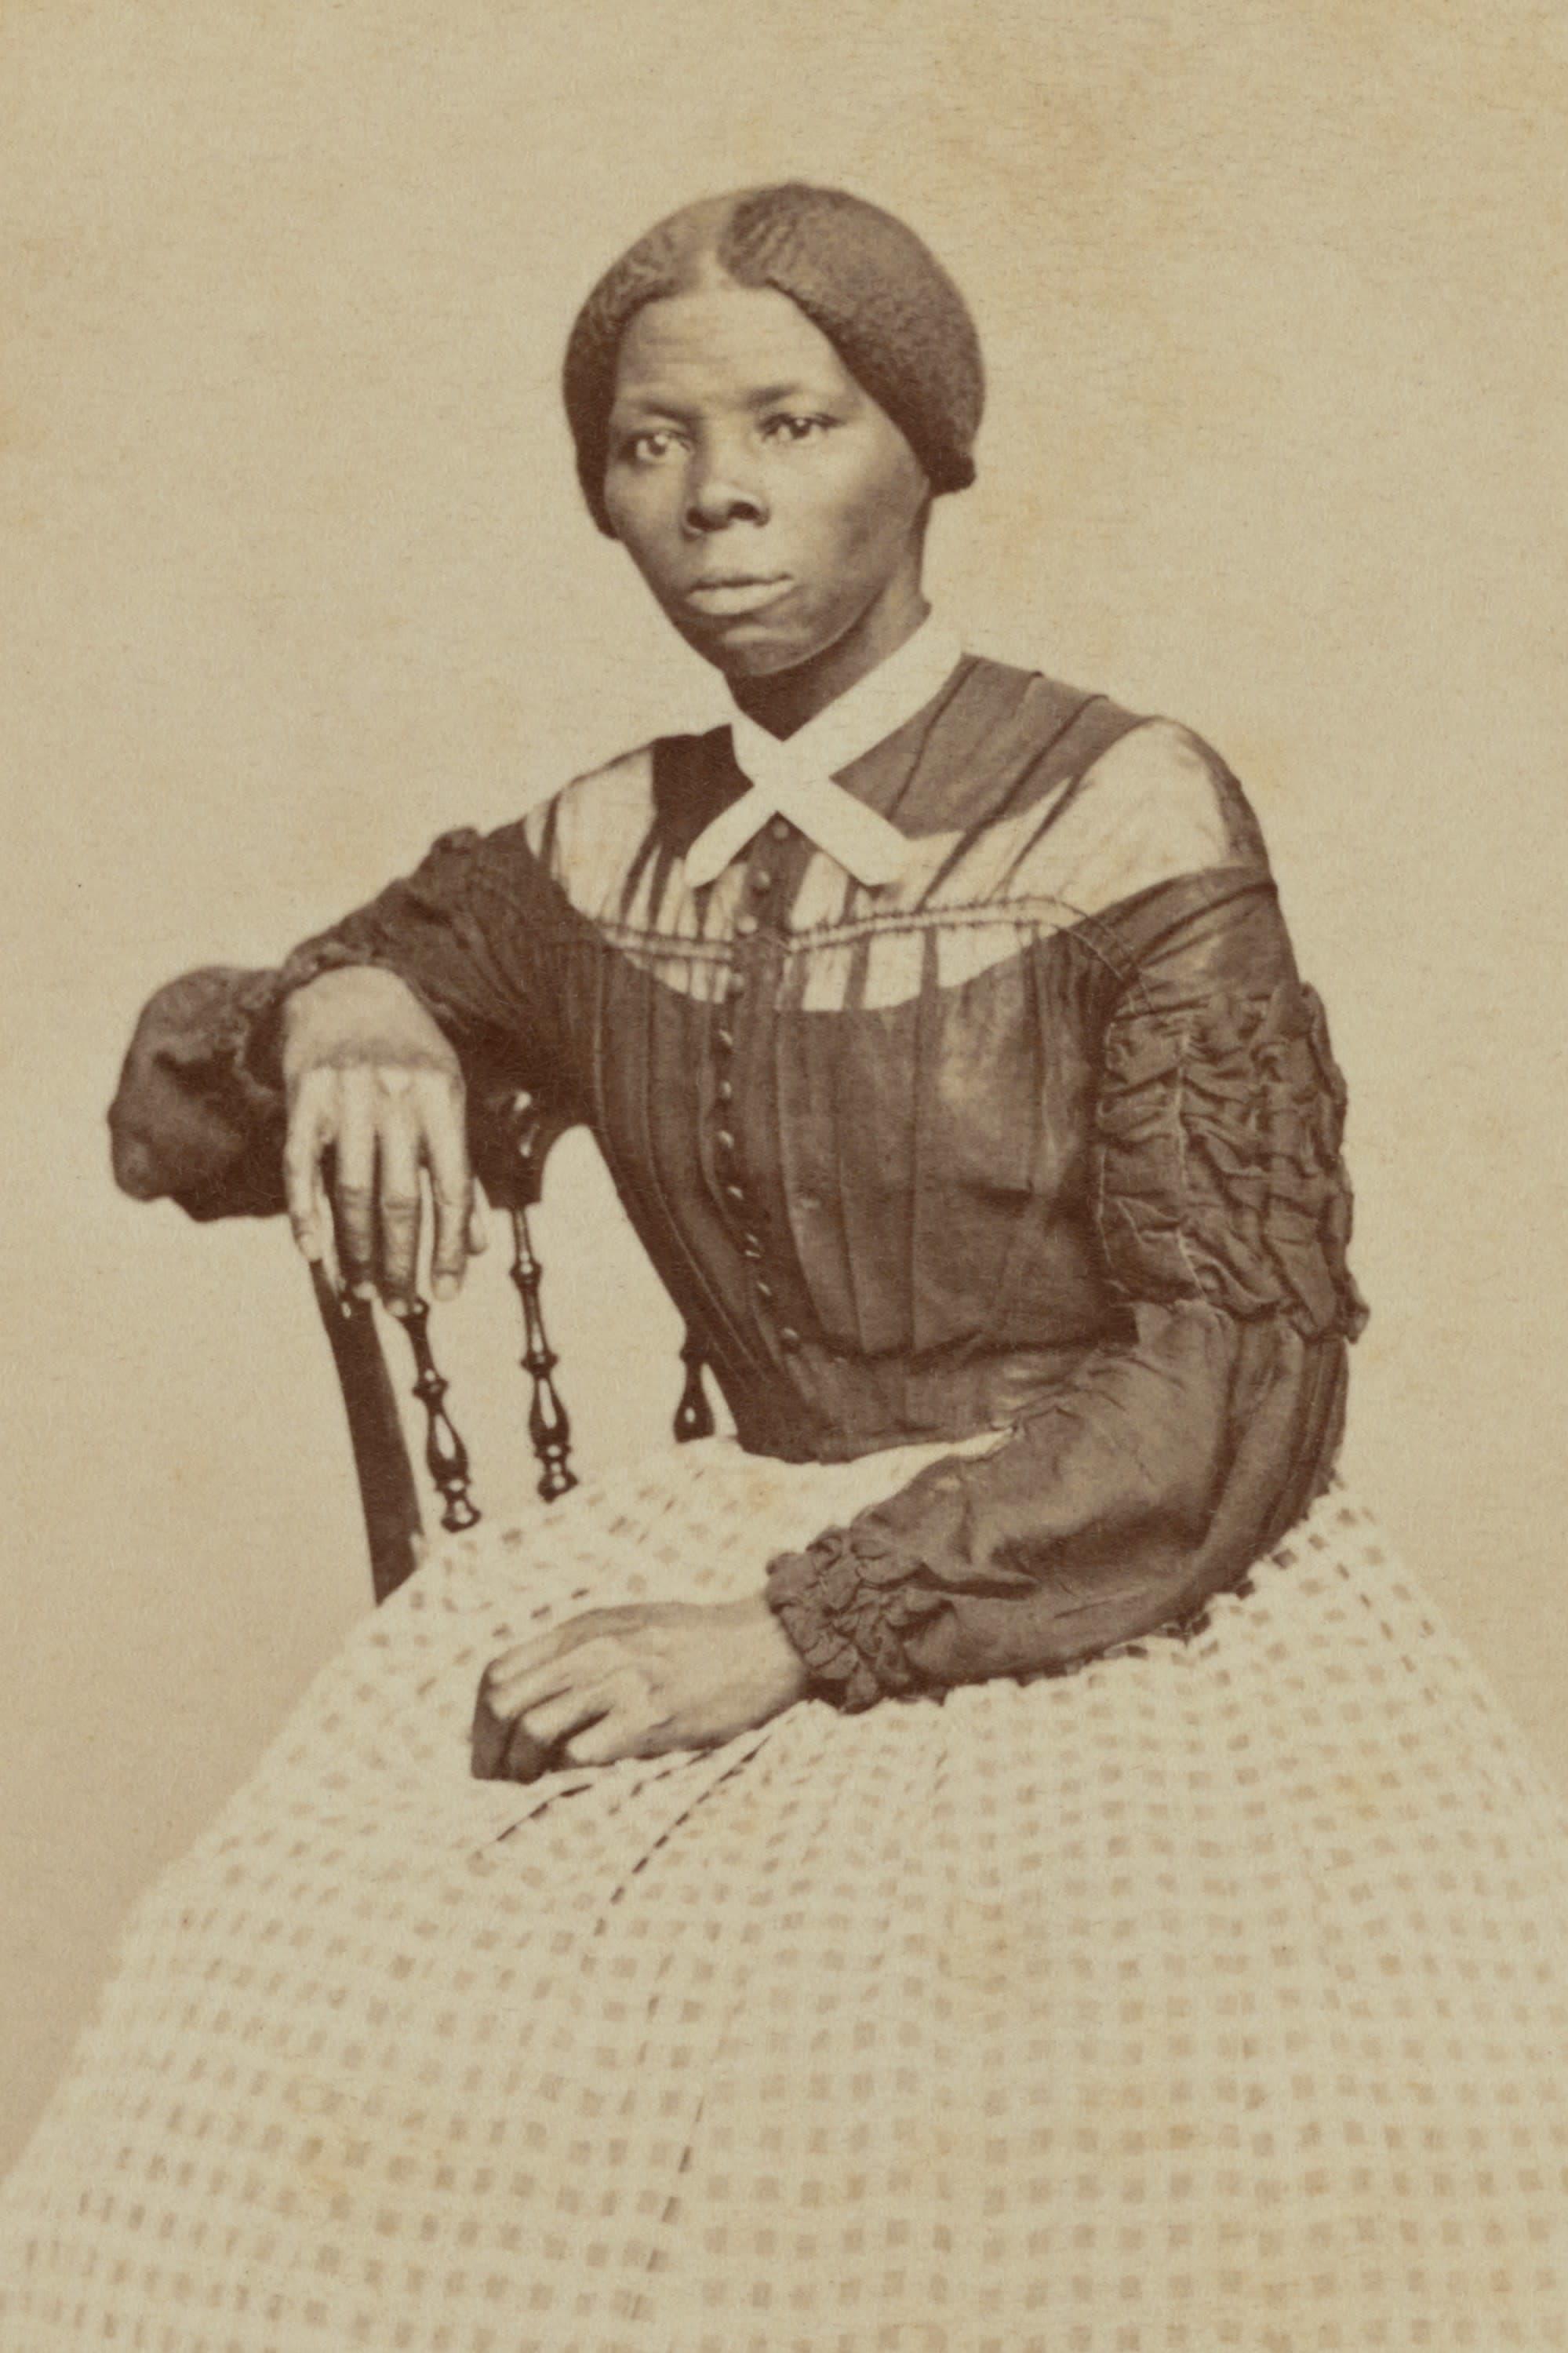 Mustavalkoisessa valokuvassa Harriet Tubman istuu tuolilla oikea käsi tuolin selkänojalla, vasen käsi sylissään. Hänellä on suuri ruutukuvioinen hame.